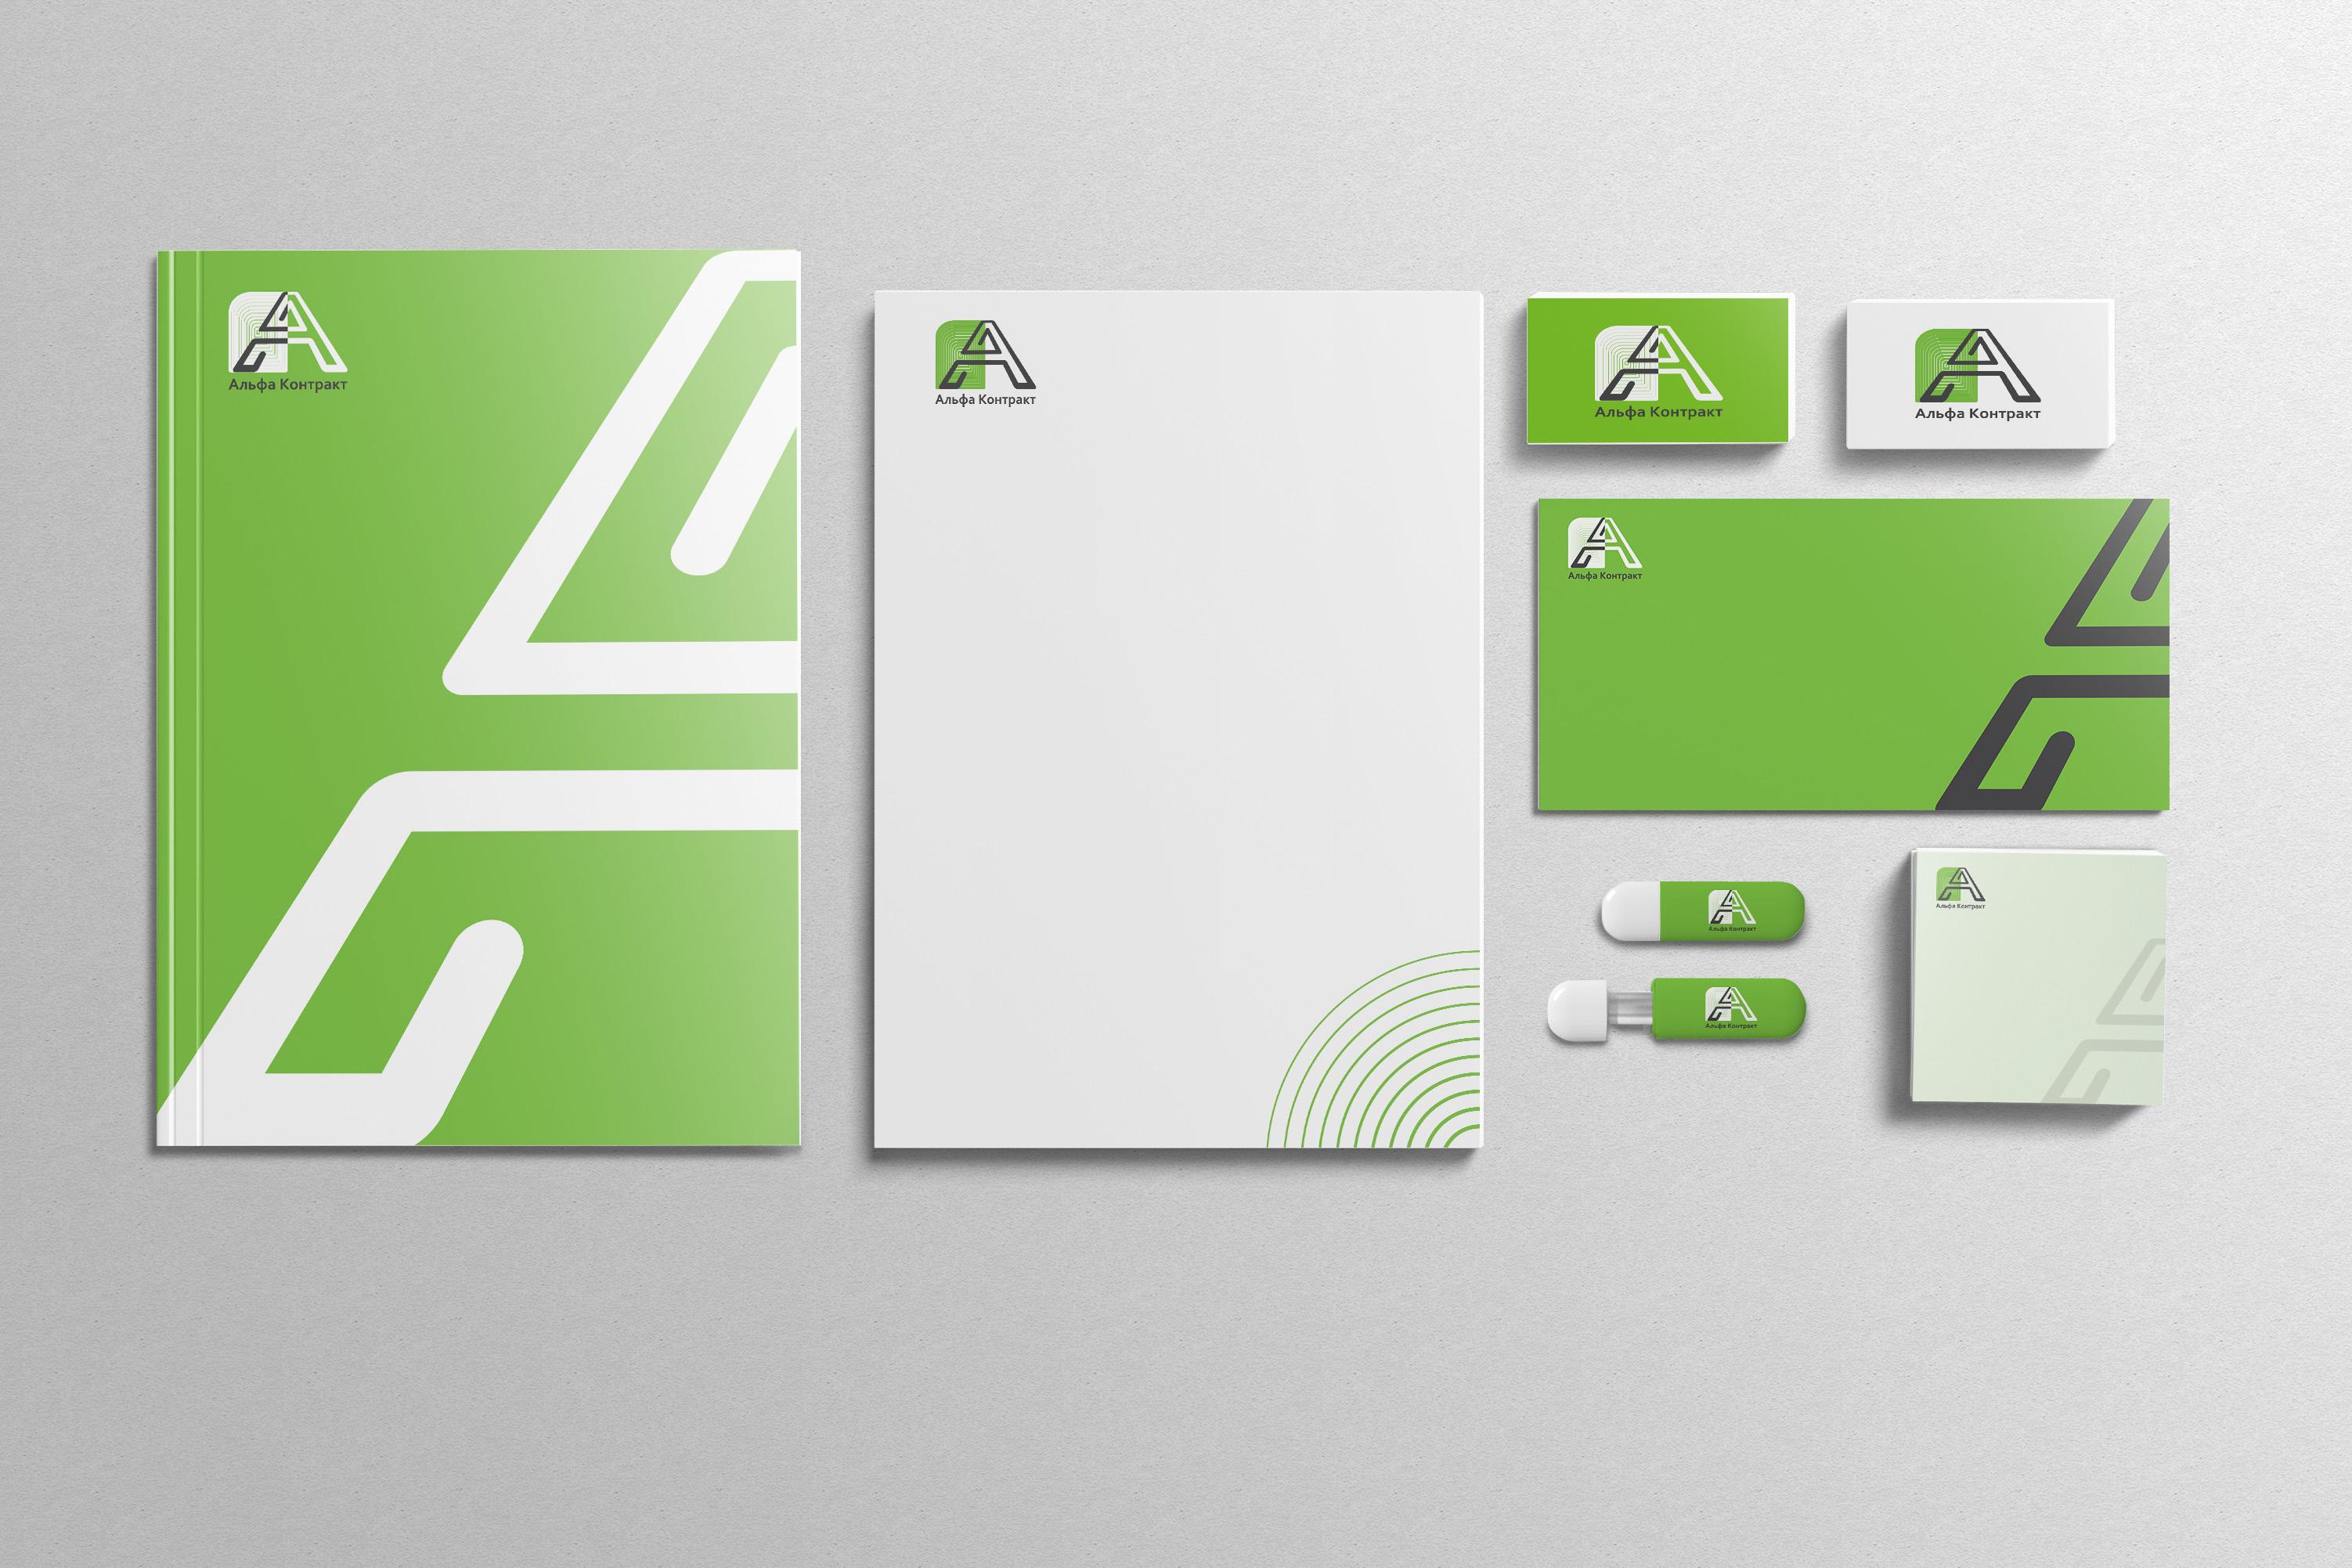 Дизайнер для разработки логотипа компании фото f_8265bfa7de32f285.jpg